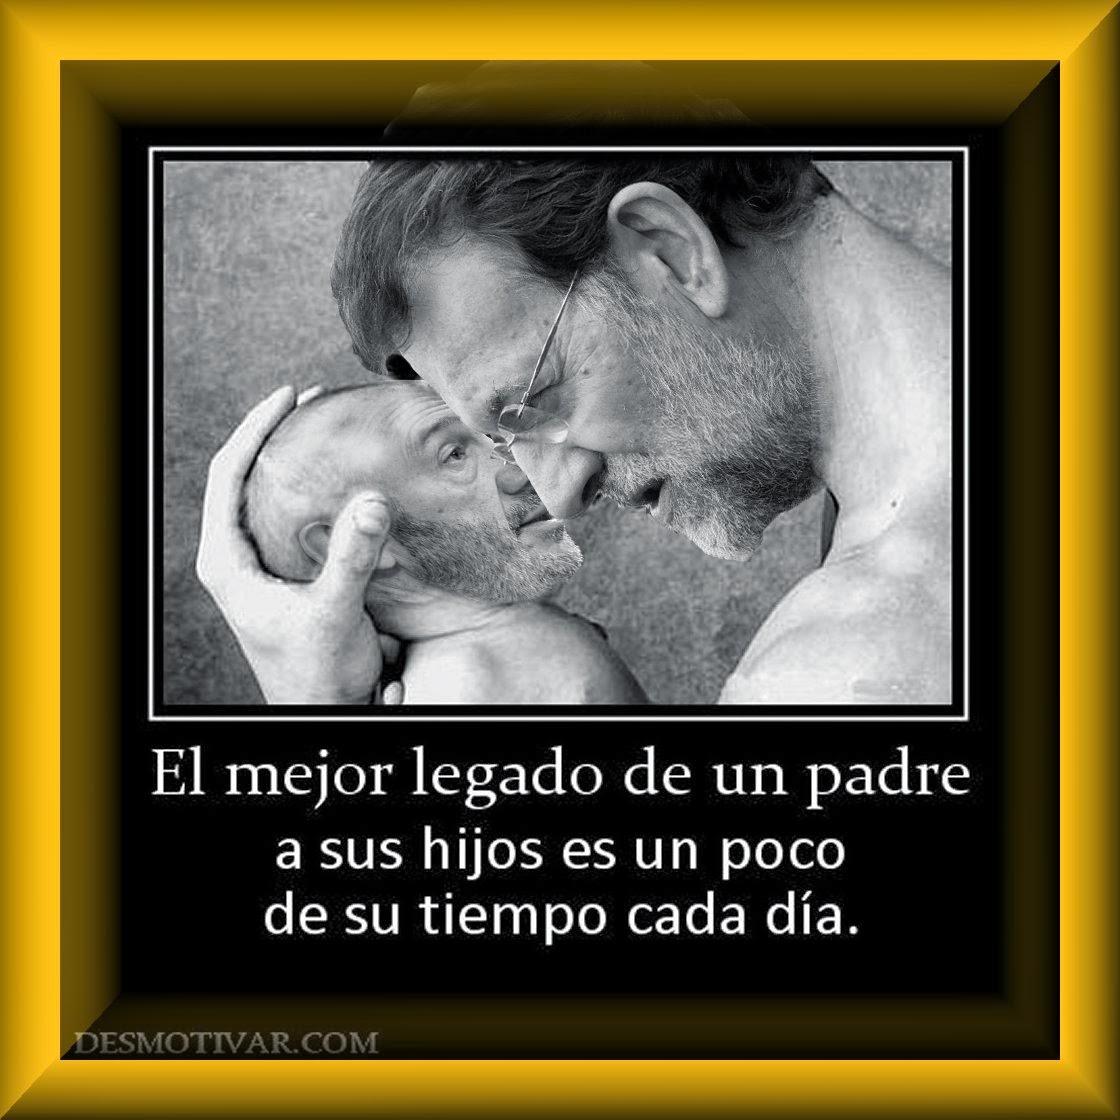 EL CUARTO MANDAMIENTO: Honrarás a tu padre y a tu madre